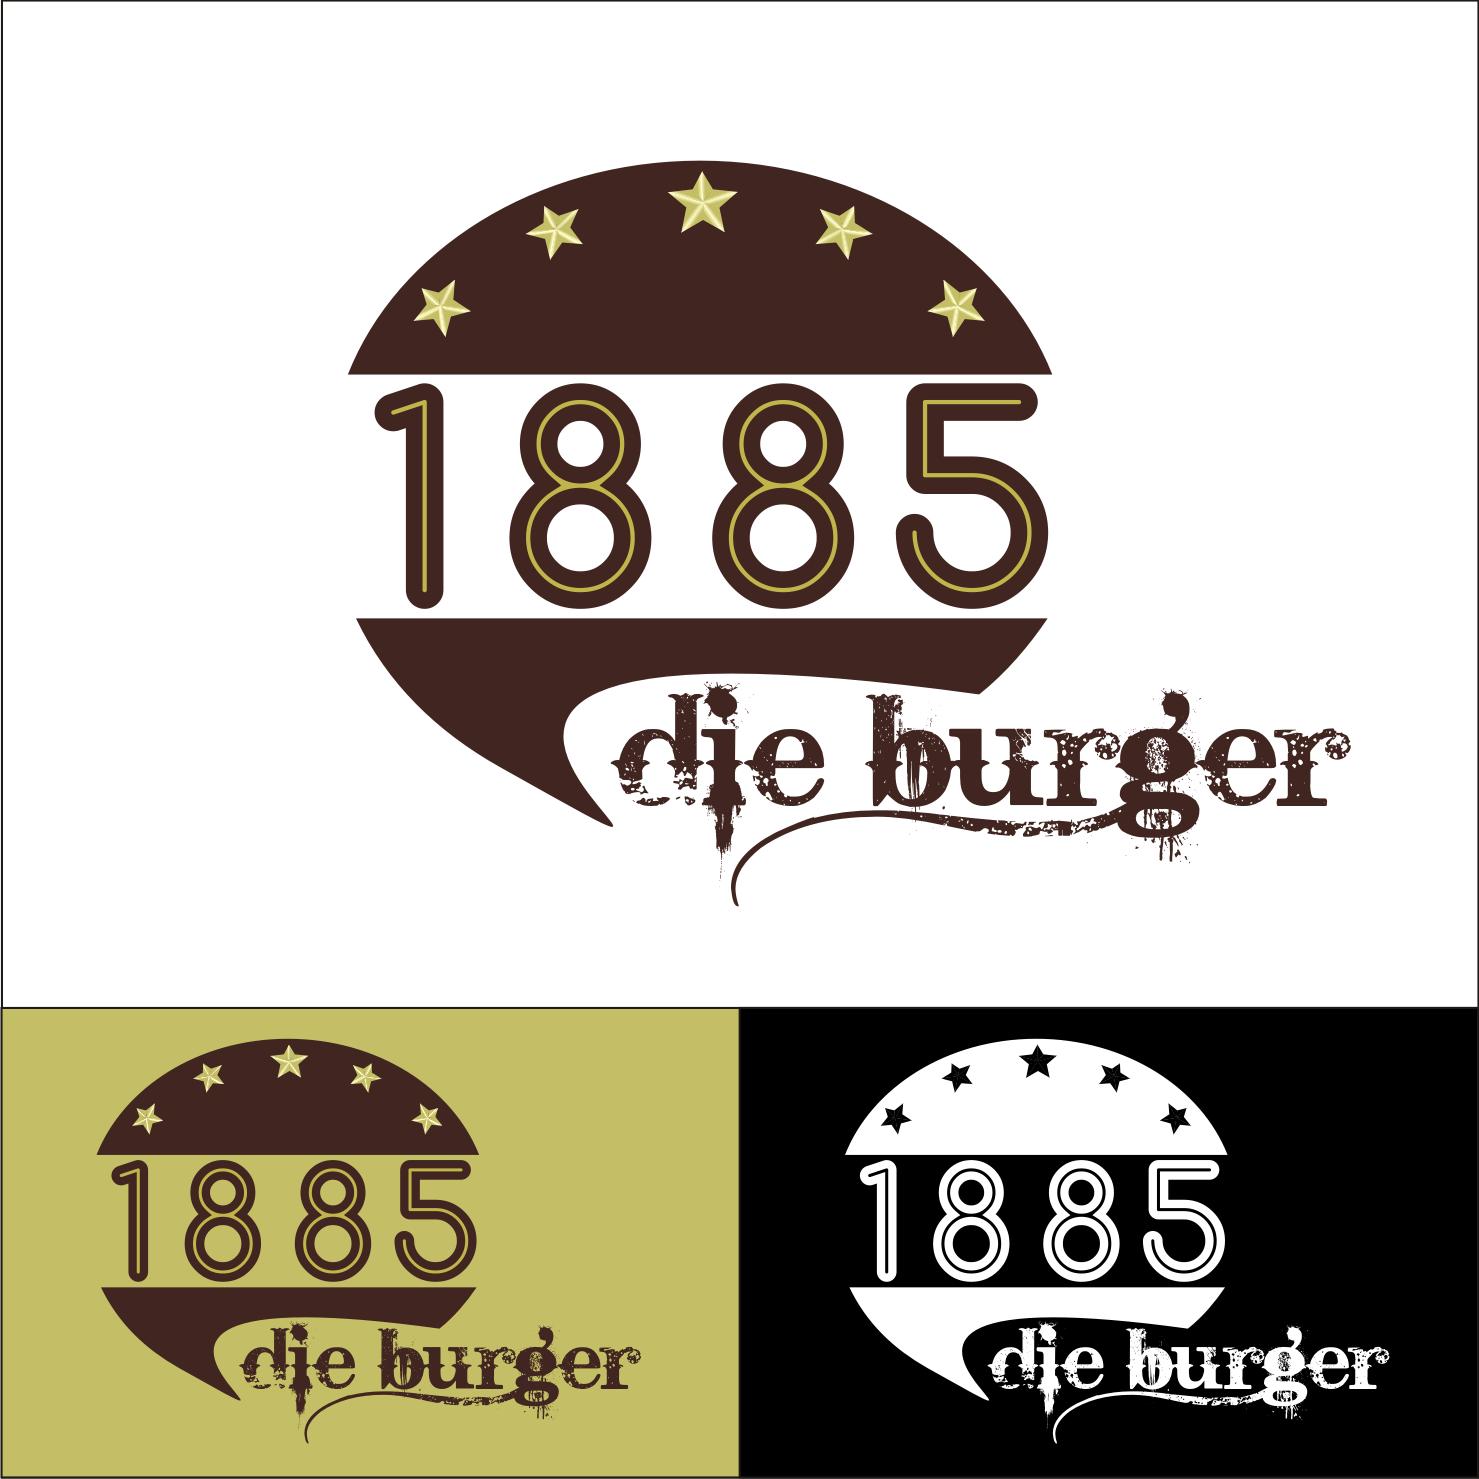 Wir suchen für unser neues Restaurant ein Logo